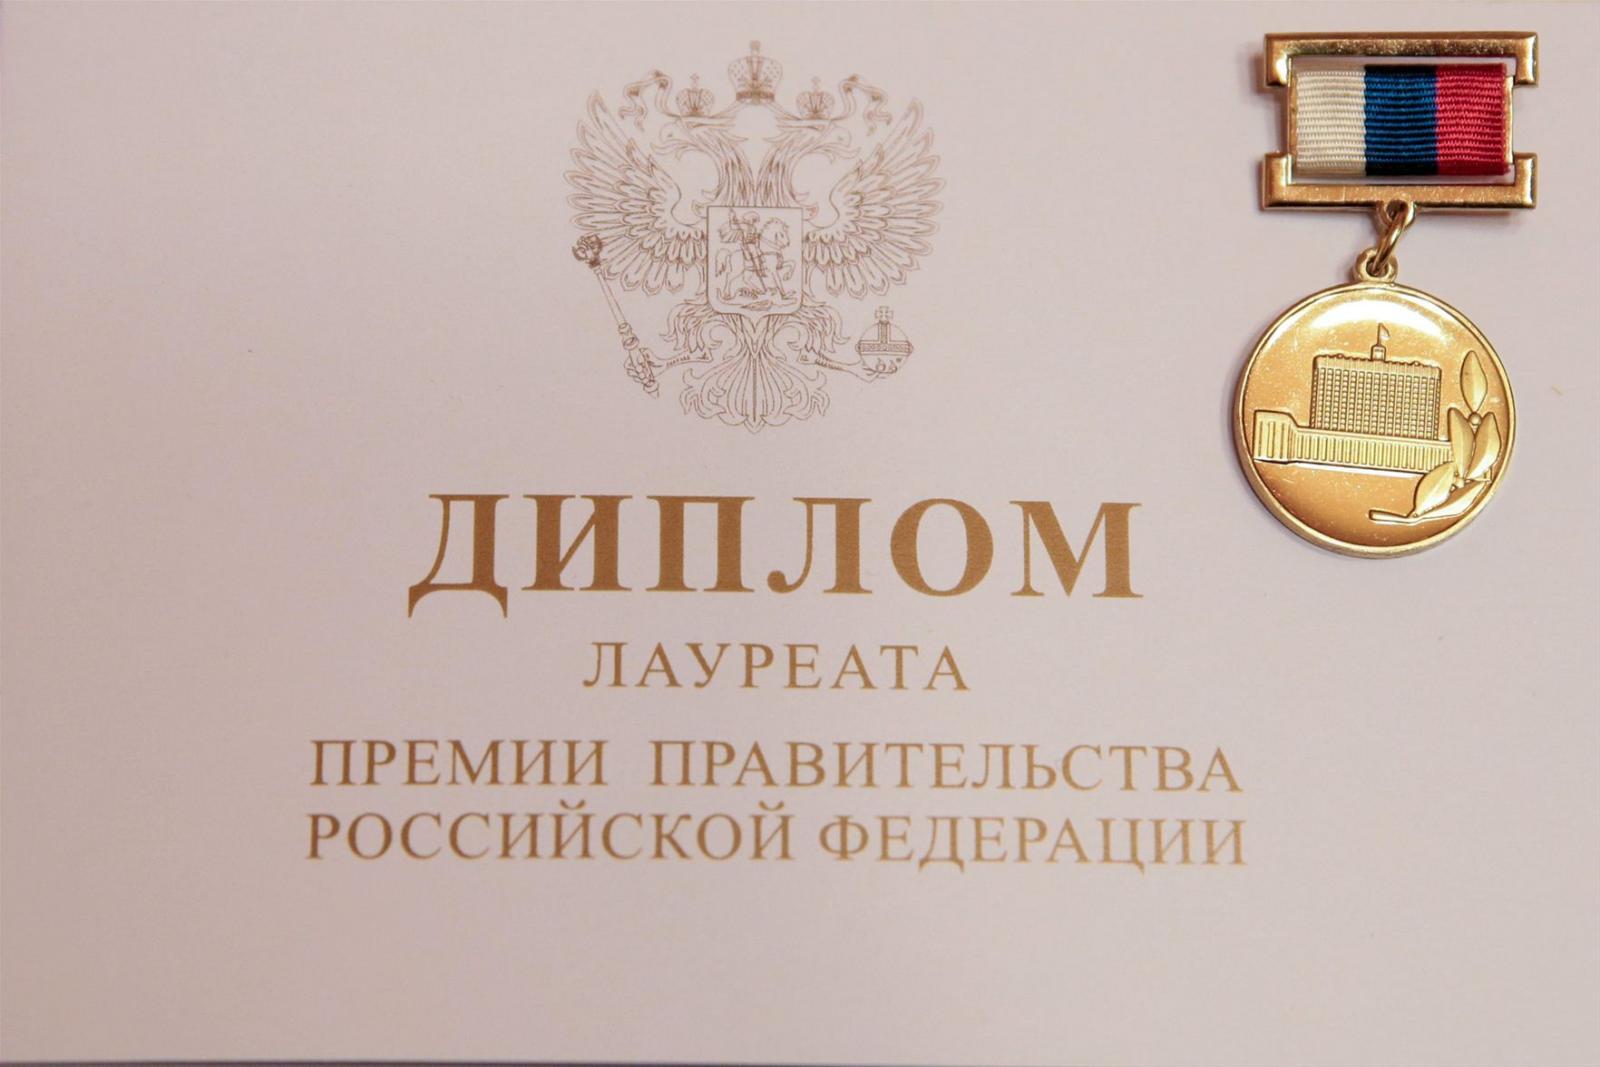 Удостоверение протокола ОСА в 2017 году